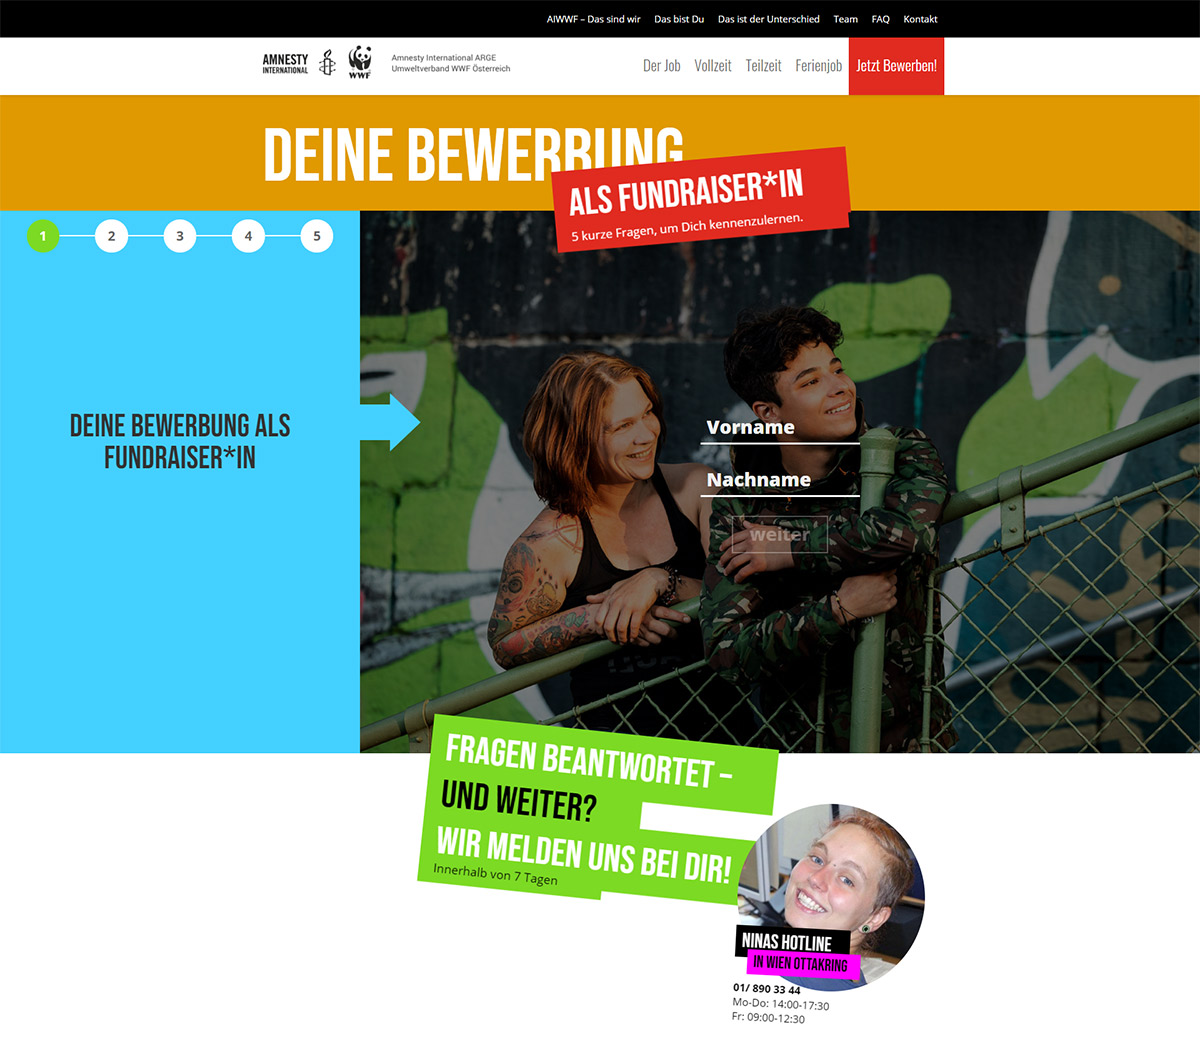 relaunch-aiwwf-iservice-agentur-wien-page-deine-bewerbung